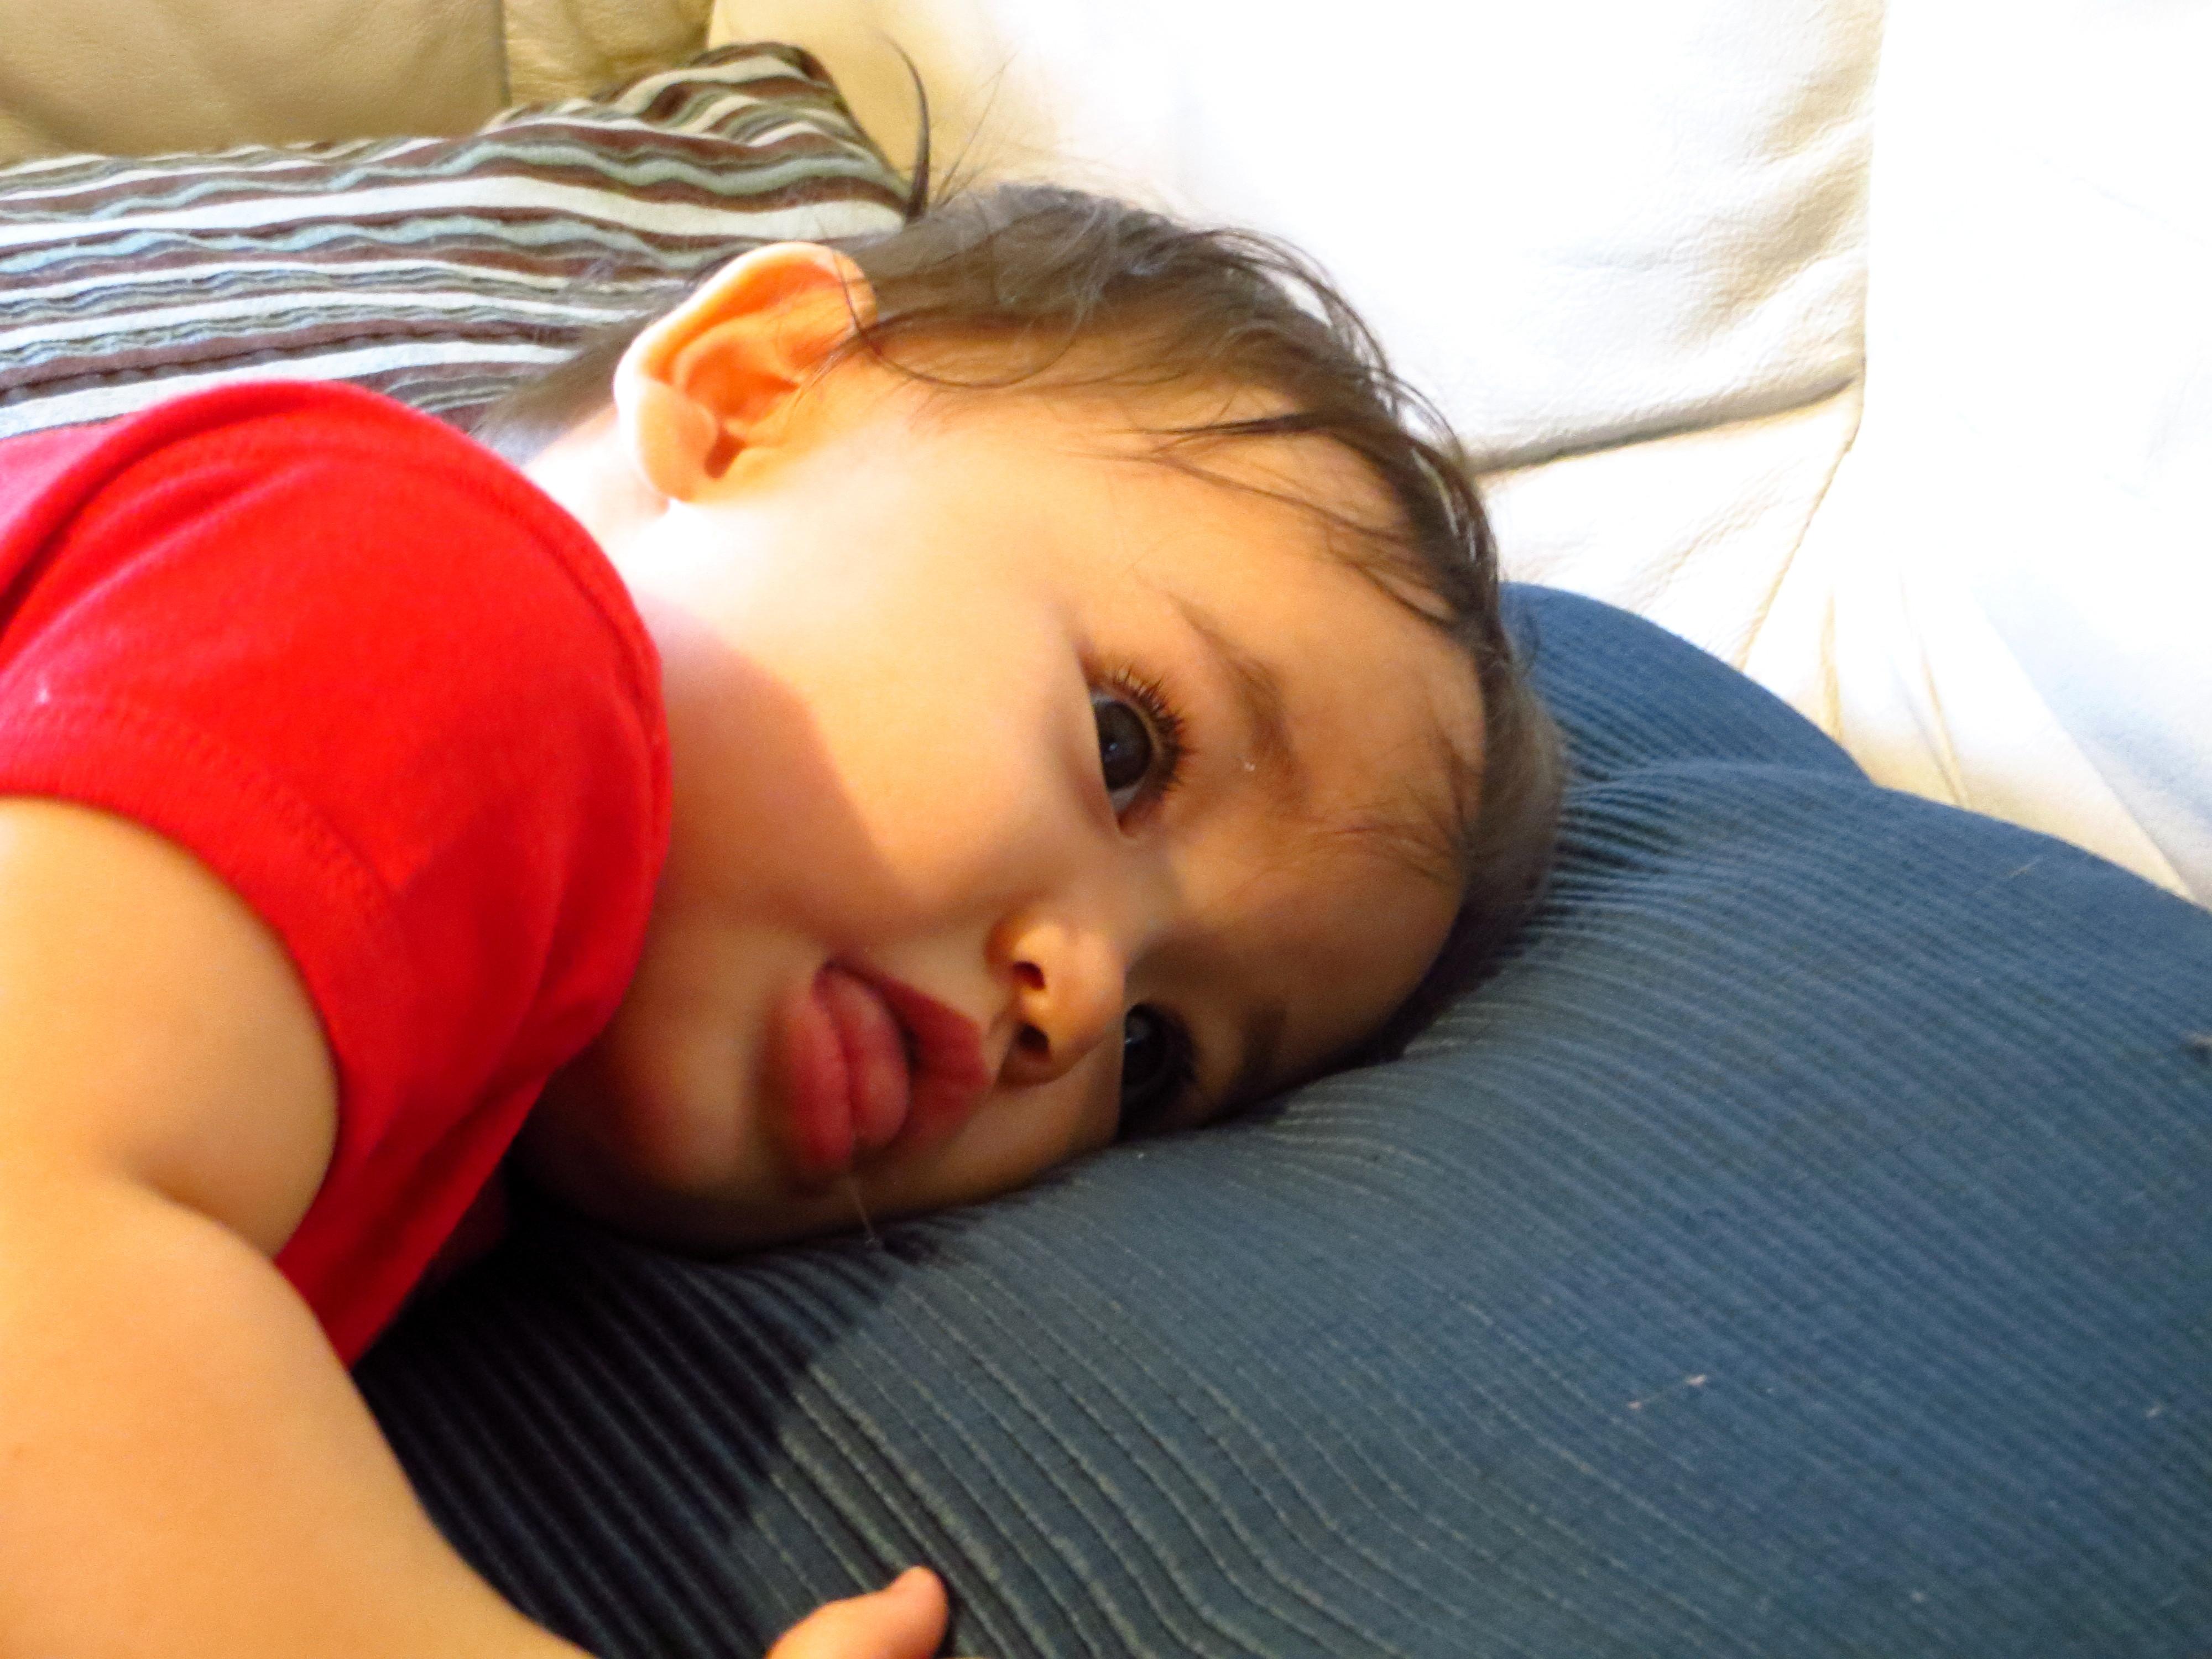 Pillow head